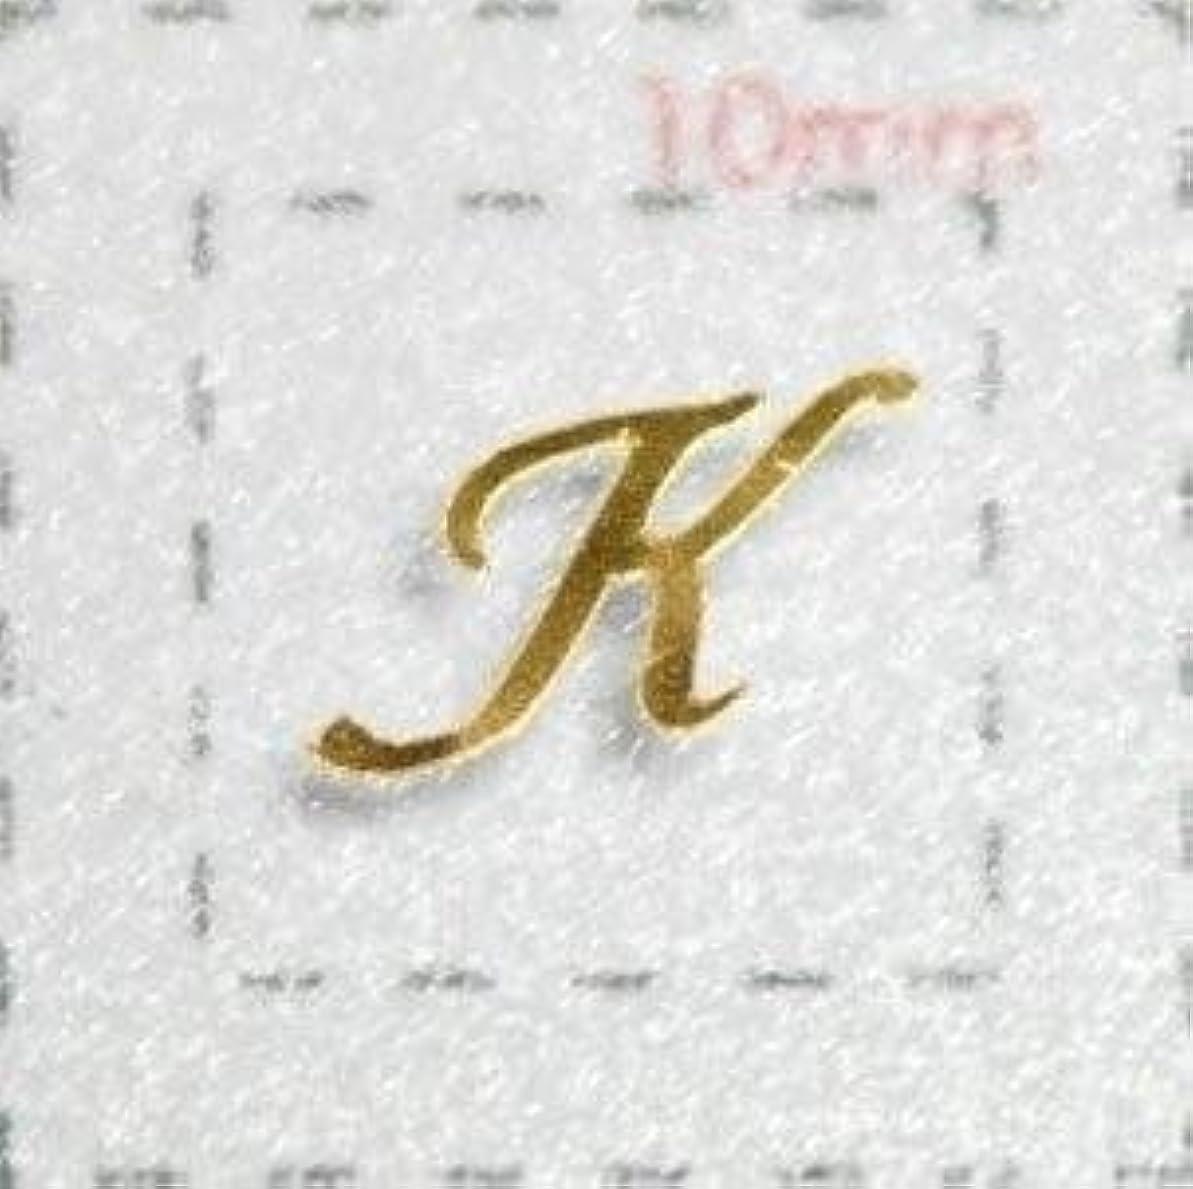 ギャラリー祈る気体のNameネイルシール【アルファベット?イニシャル】大文字ゴールド( K )1シート9枚入